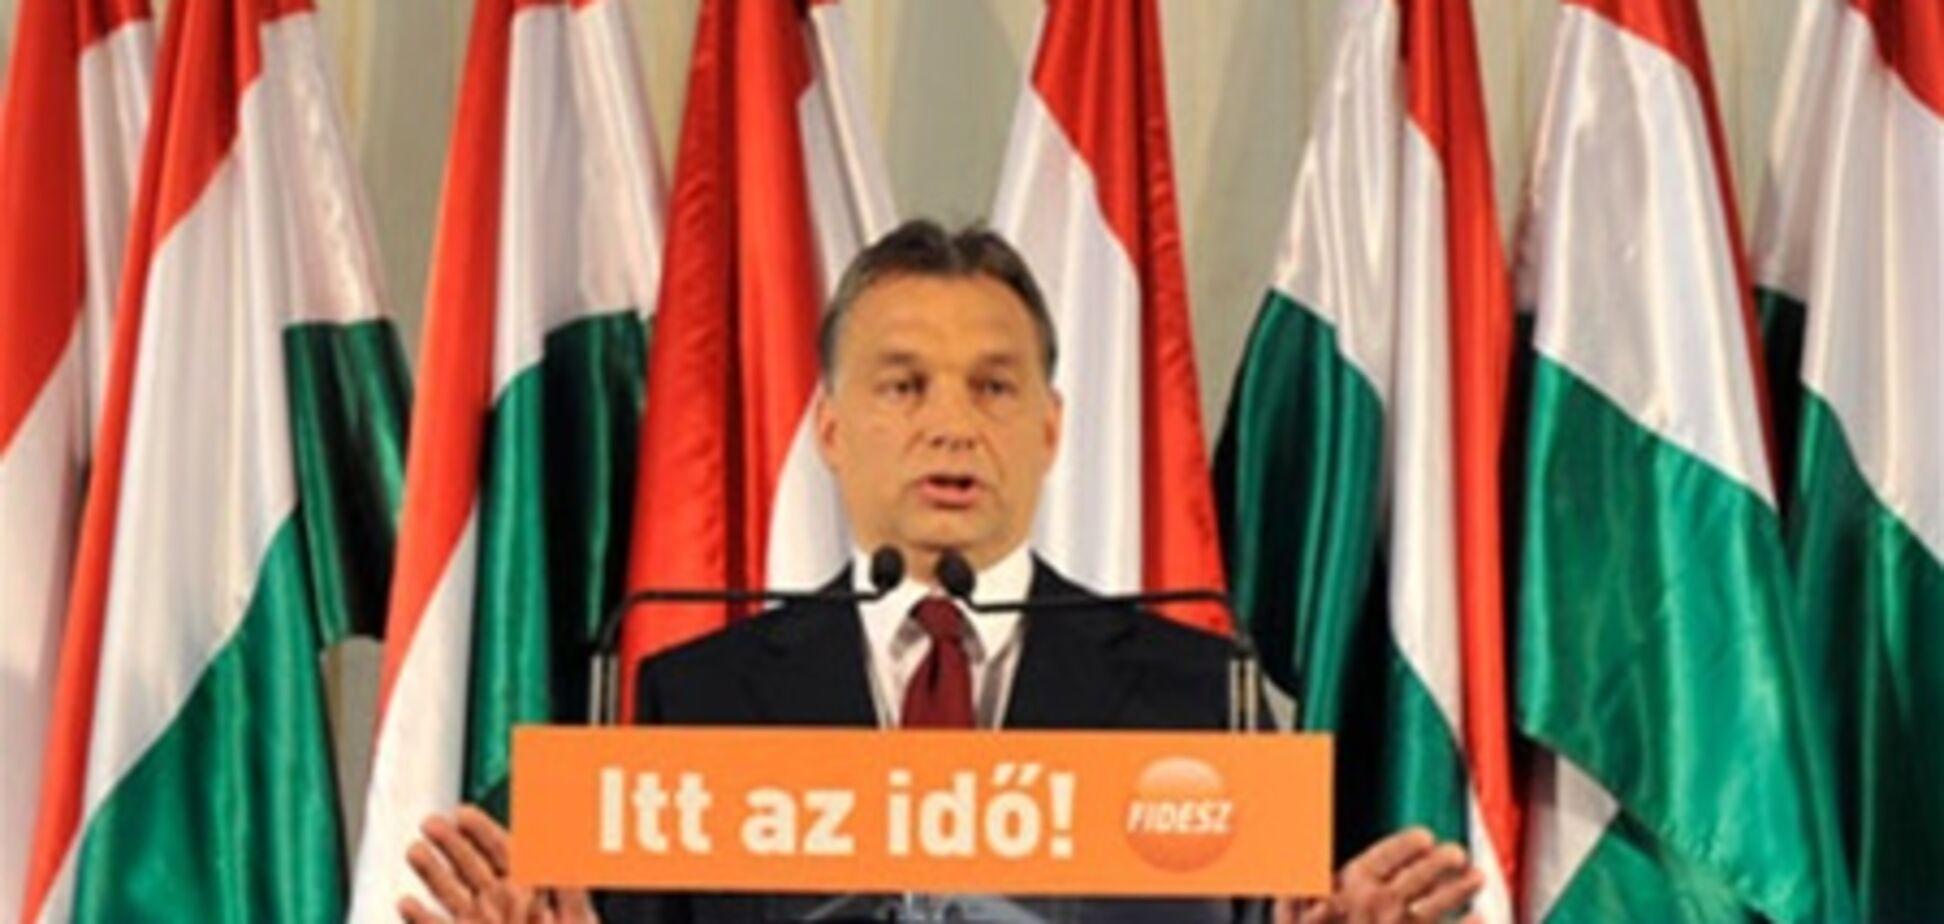 Угорщина рухається до автократії - The Washington Post